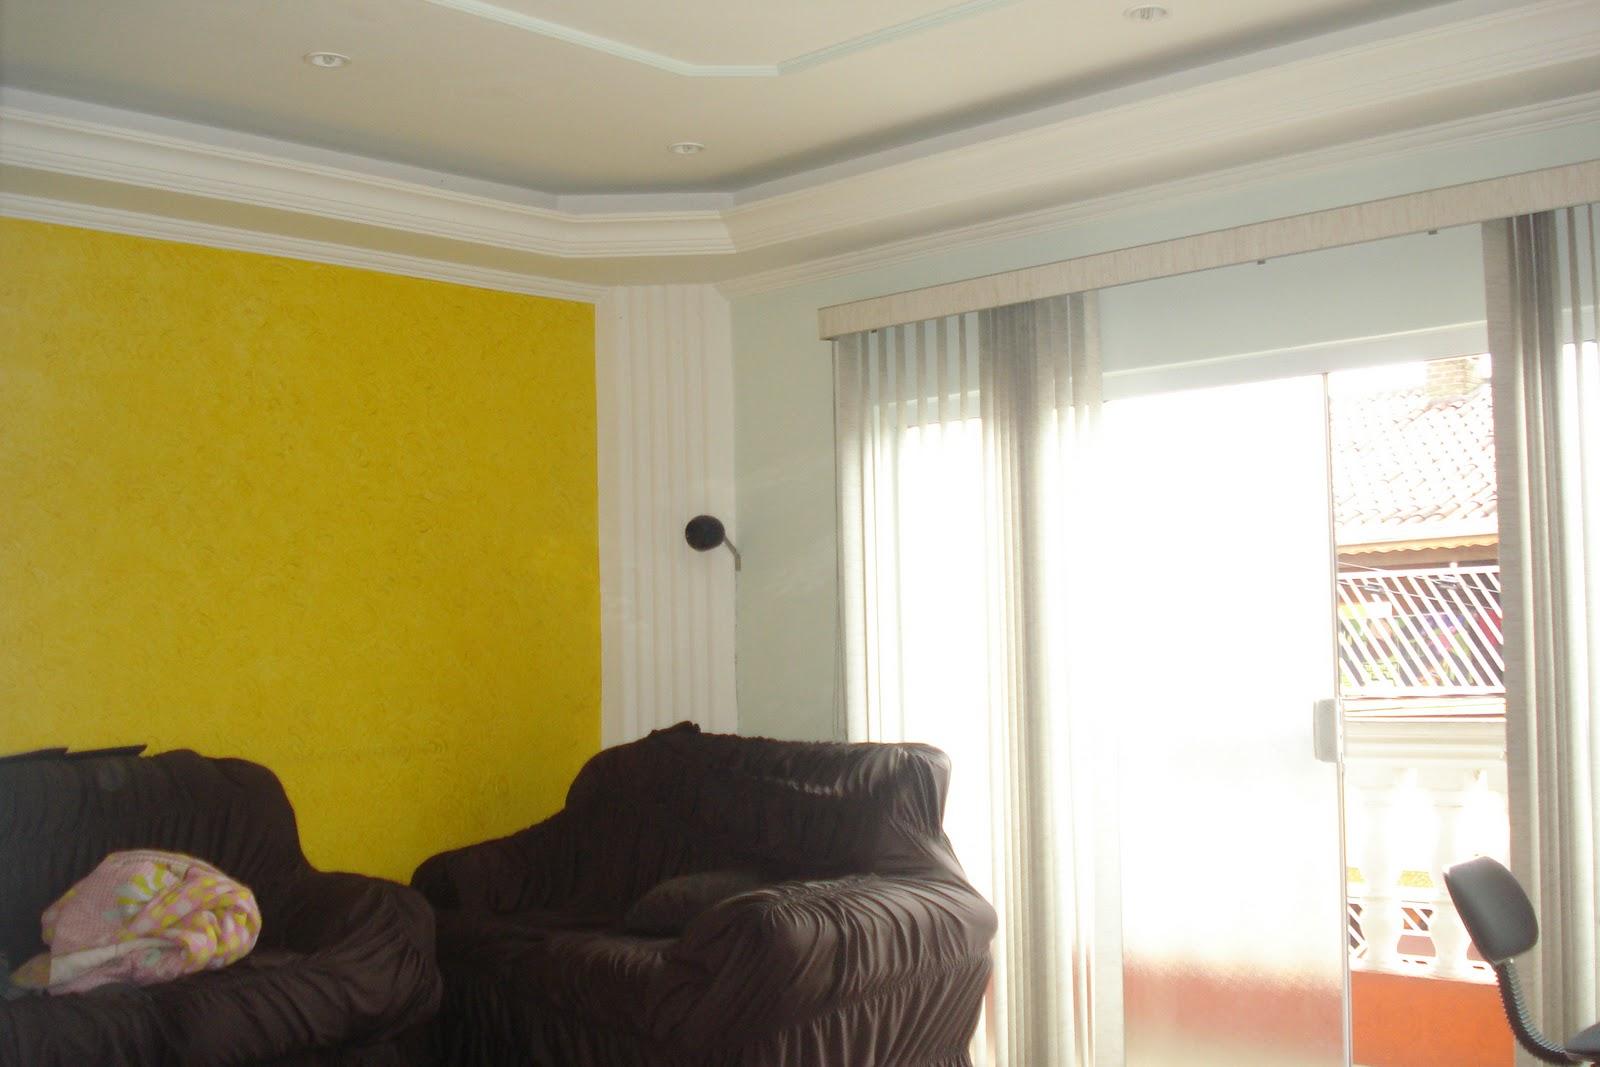 Imóveis em São Miguel Paulista Imóveis na zona leste: Casas em  #B09216 1600x1067 Acabamento Gesso Banheiro